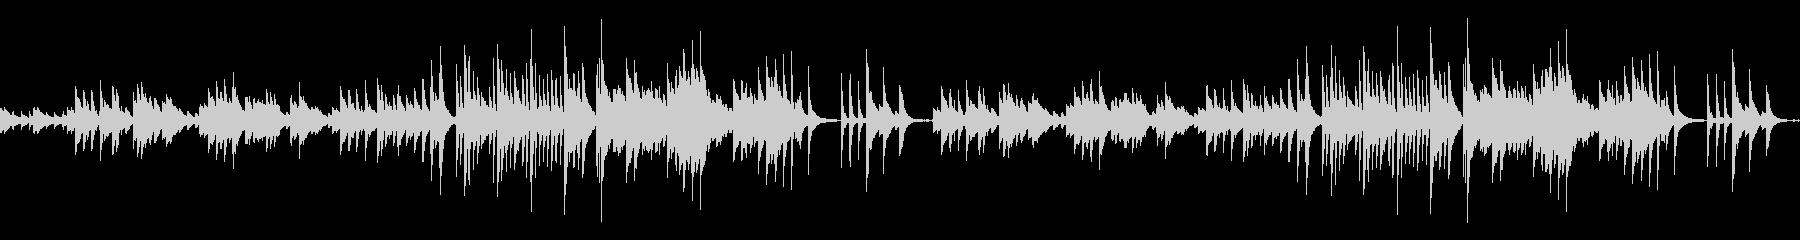 手紙をイメージした切ないピアノソロの未再生の波形